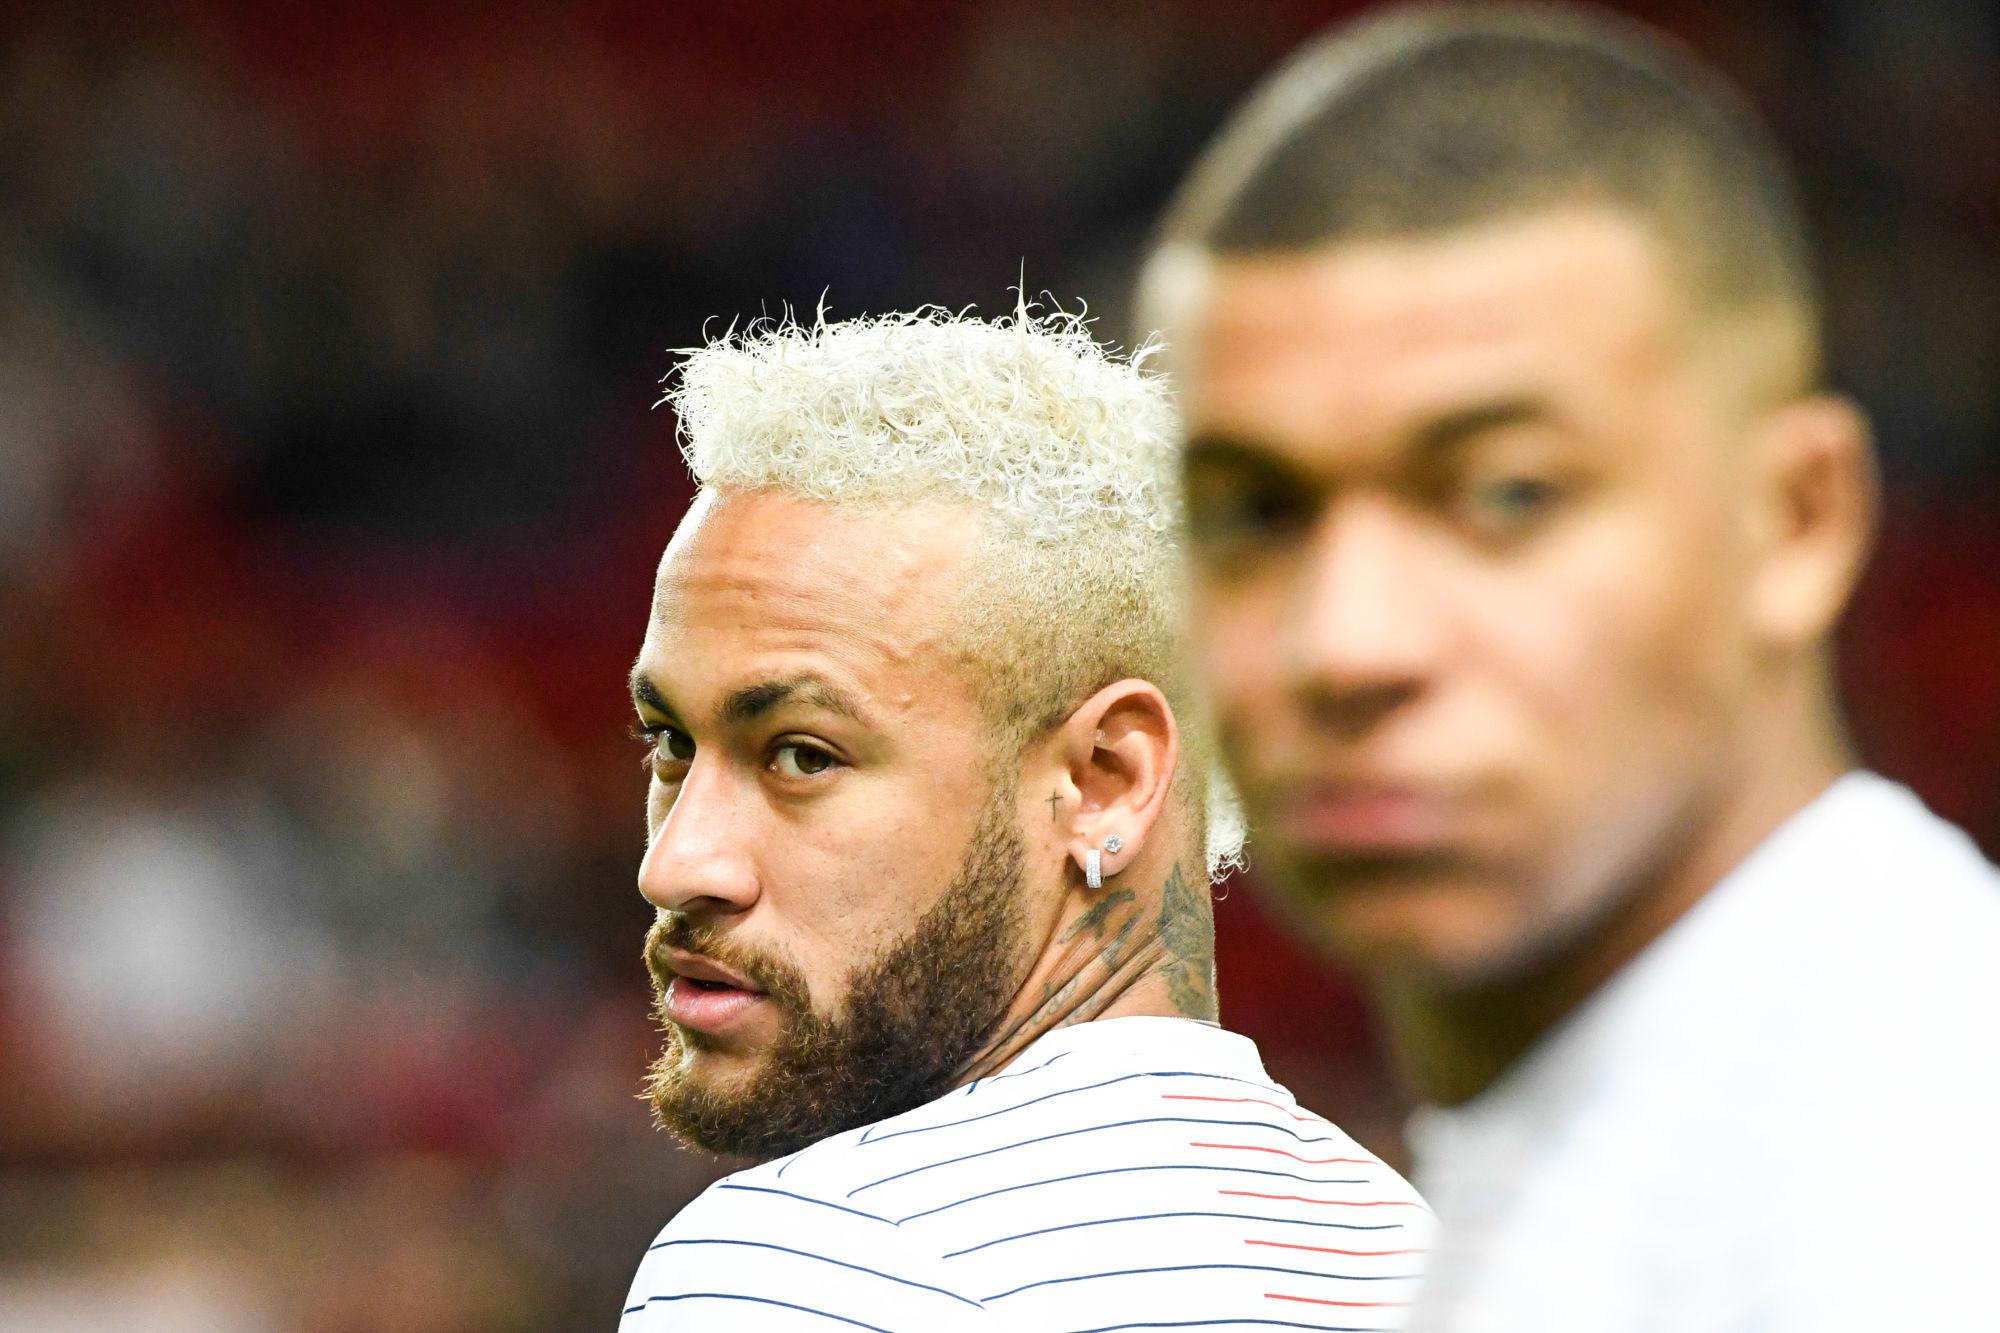 Alonzo assure qu'entre prolonger Mbappé et Neymar, le choix est facile